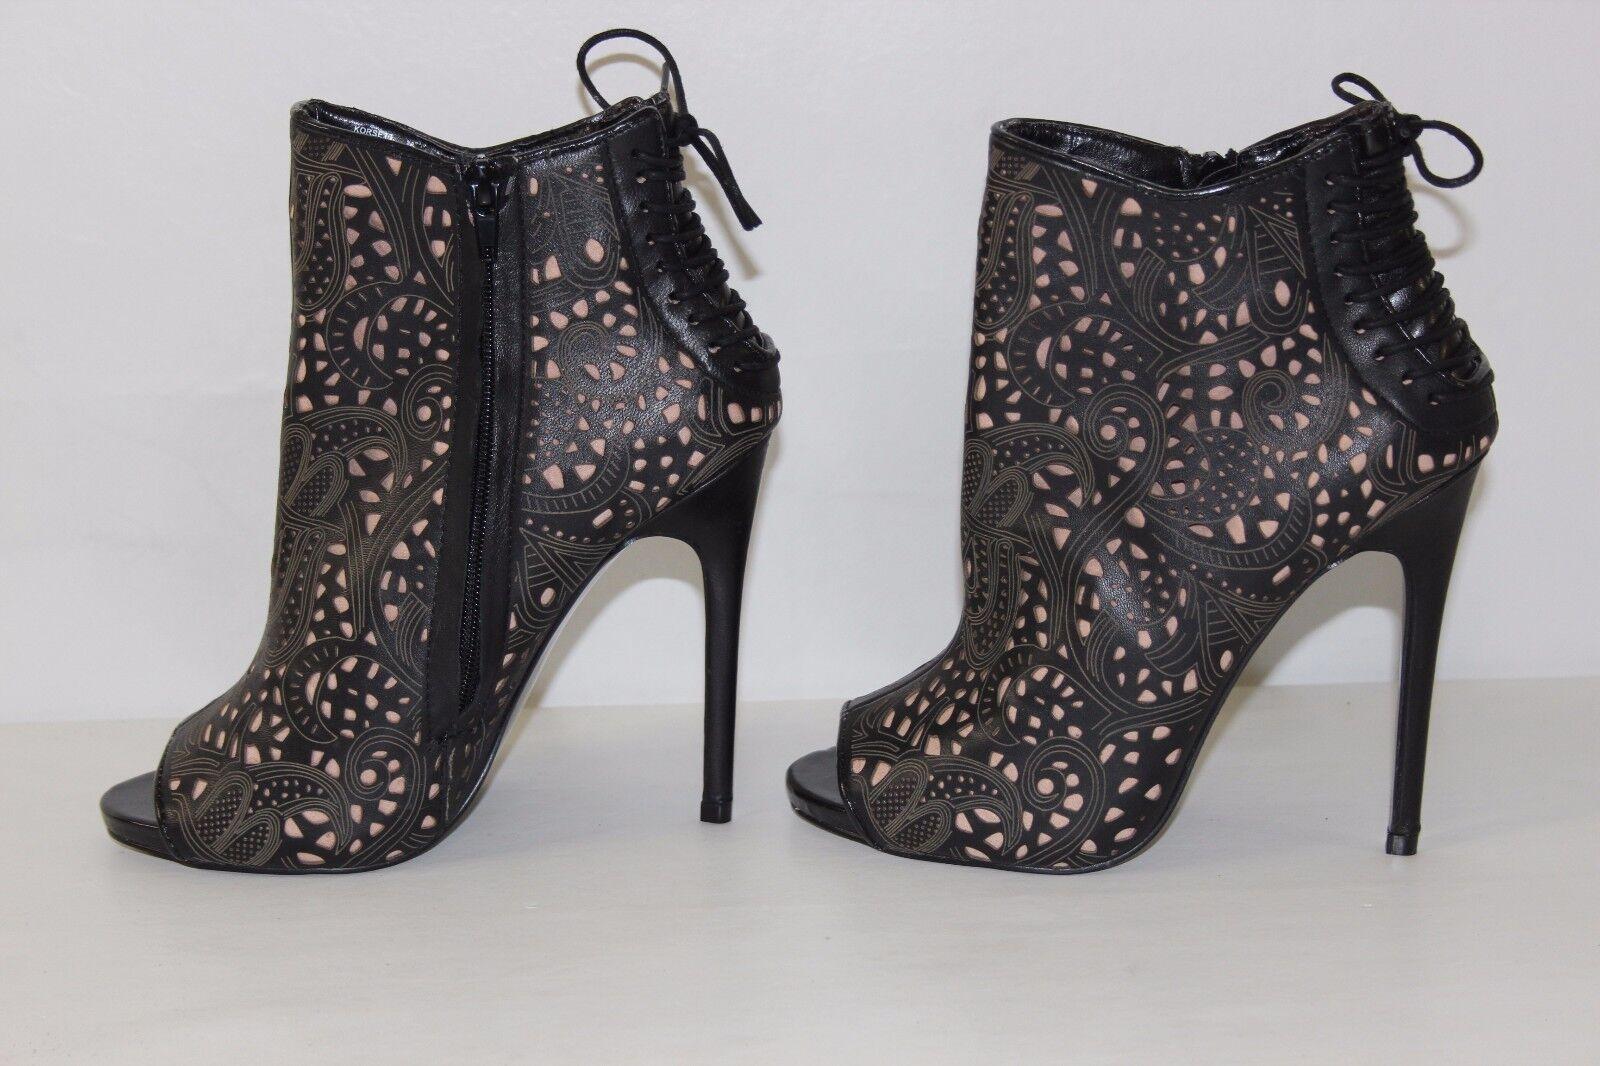 Steve M Madden mujeres 7.5 M Steve Negro Cuero Marrón Tostado Tacones Altos Abotinados botas Nuevo abbedd